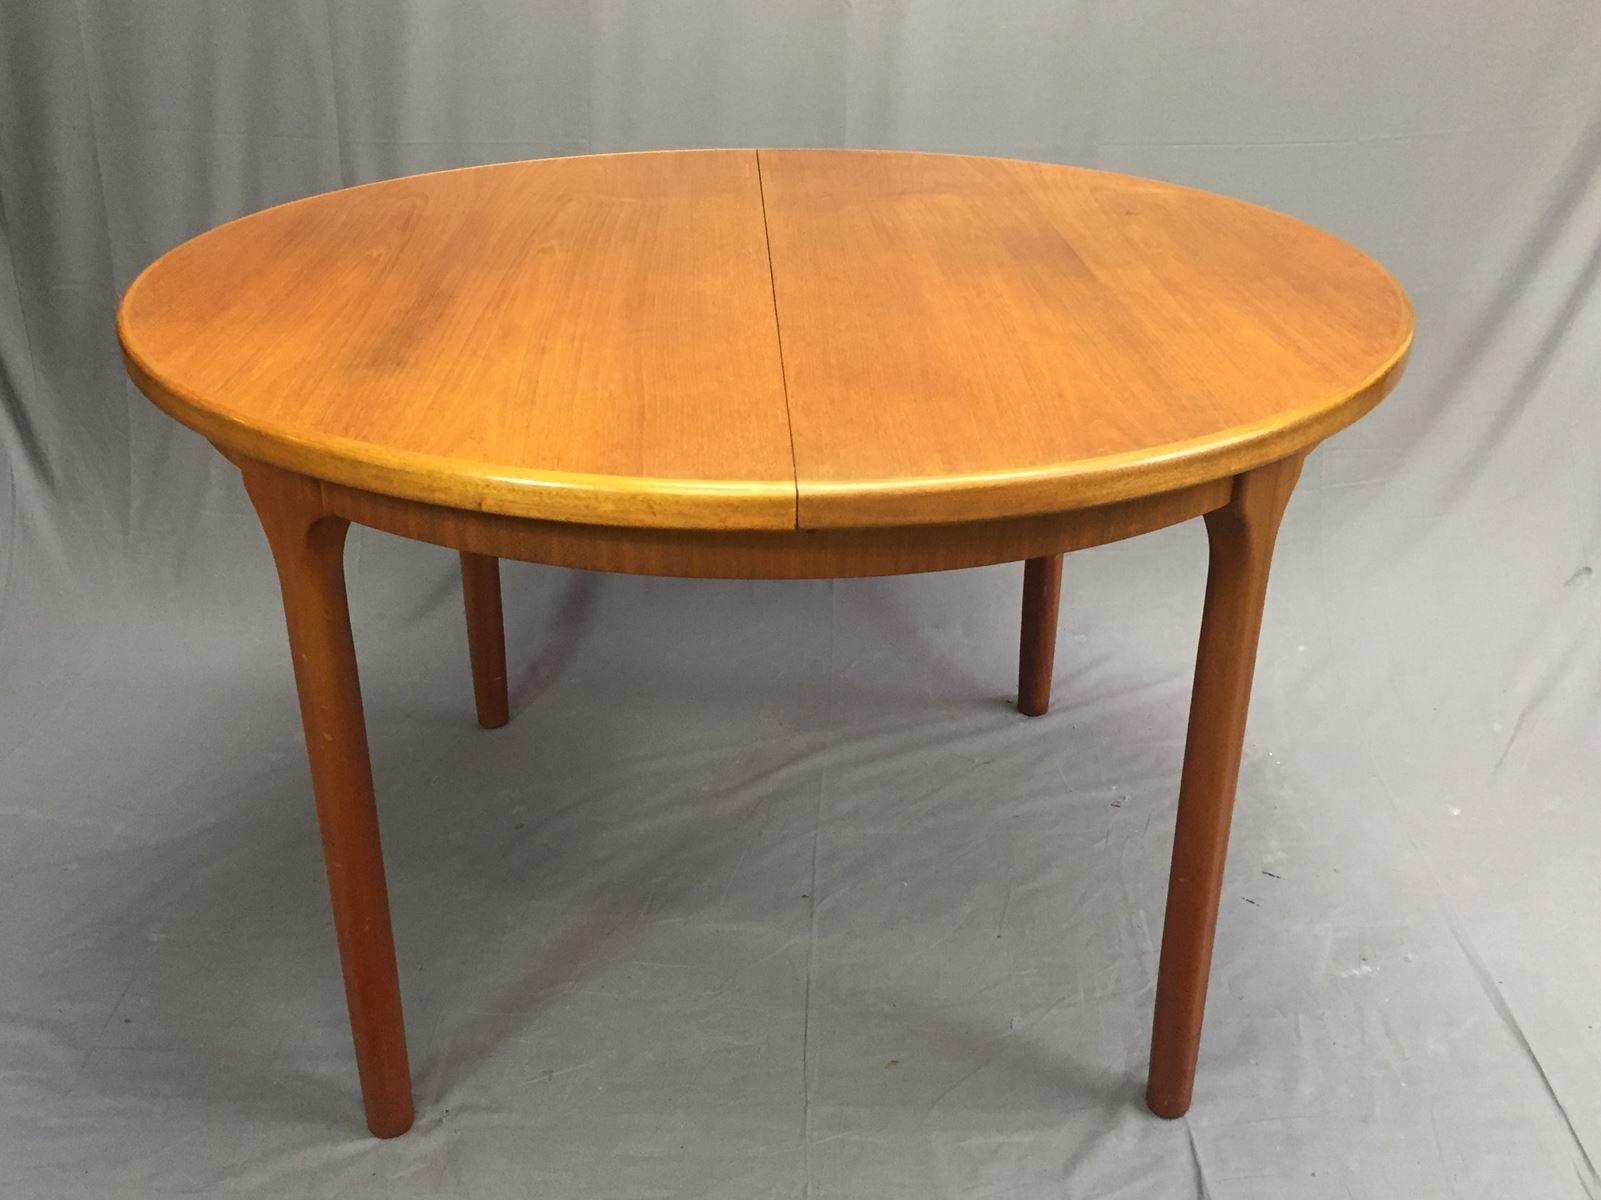 ovaler vintage tisch im skandinavischen stil von mcintosh. Black Bedroom Furniture Sets. Home Design Ideas